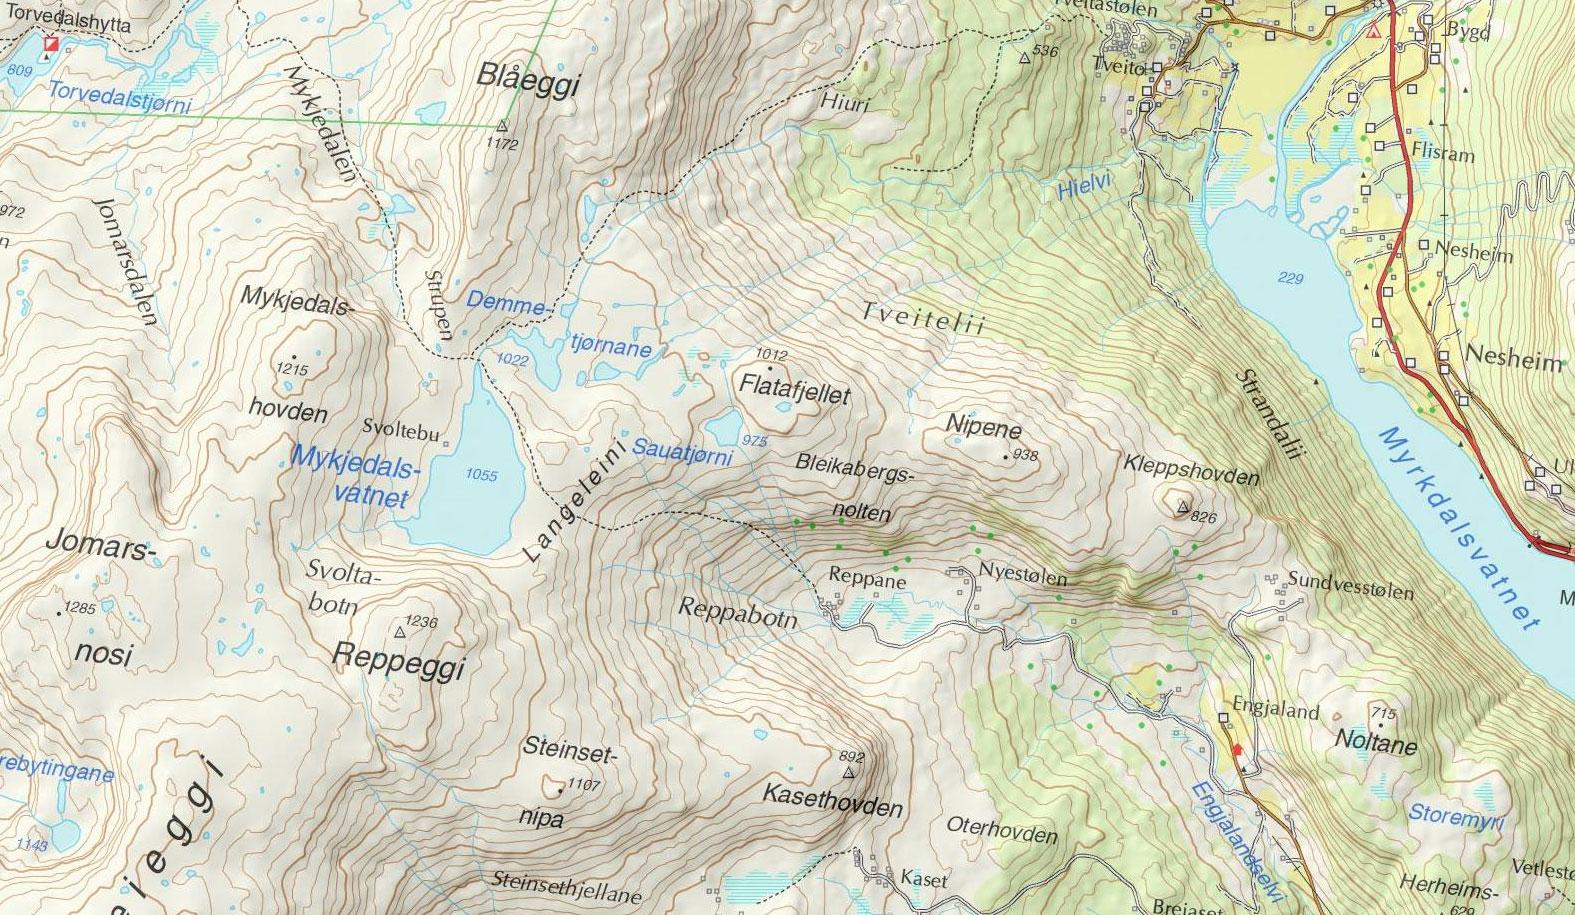 norge serien kart VANDRINGER I NORGE norge serien kart